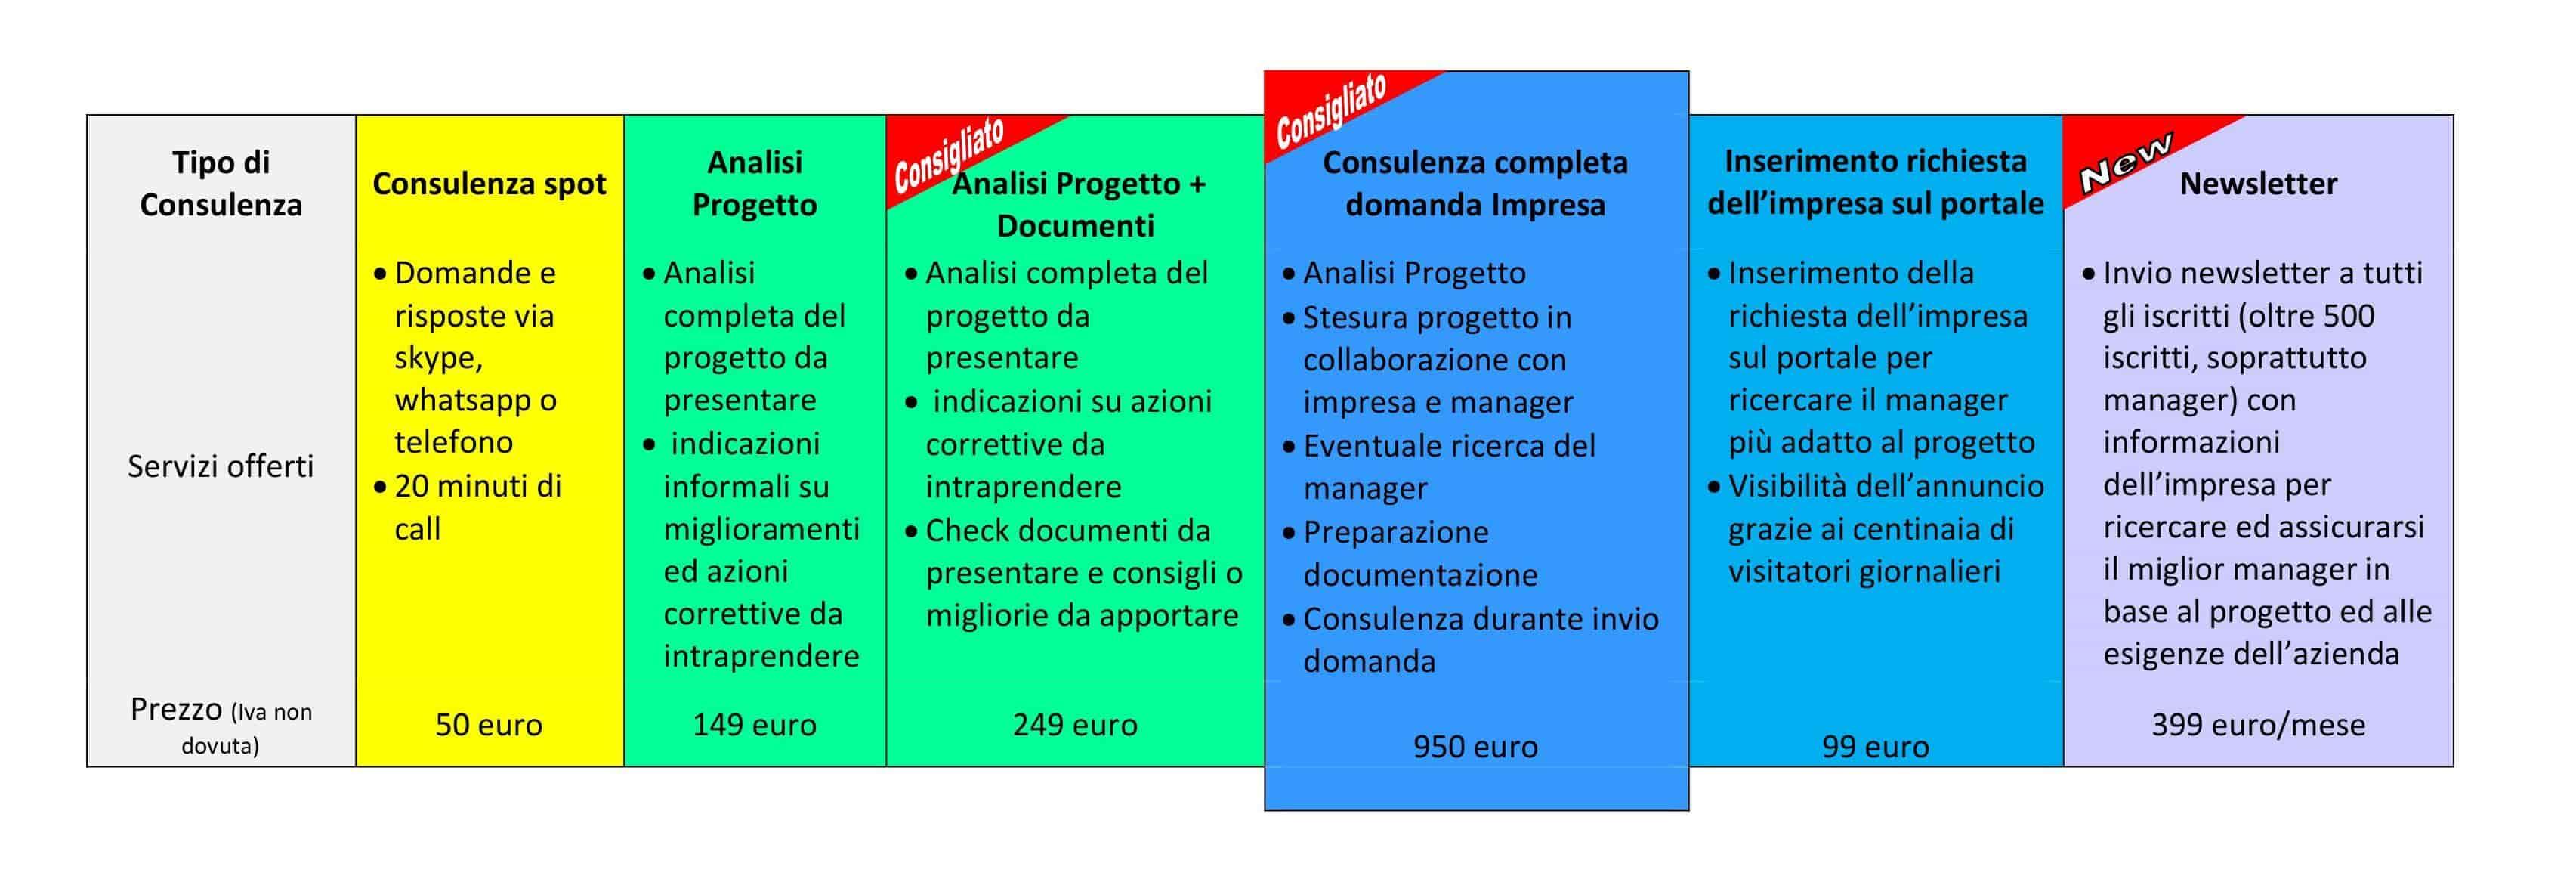 Servizio di consulenza Impresa per Innovation Manager bando voucher domanda bando Mise assistenza supporto progetto documentazione bando contributi